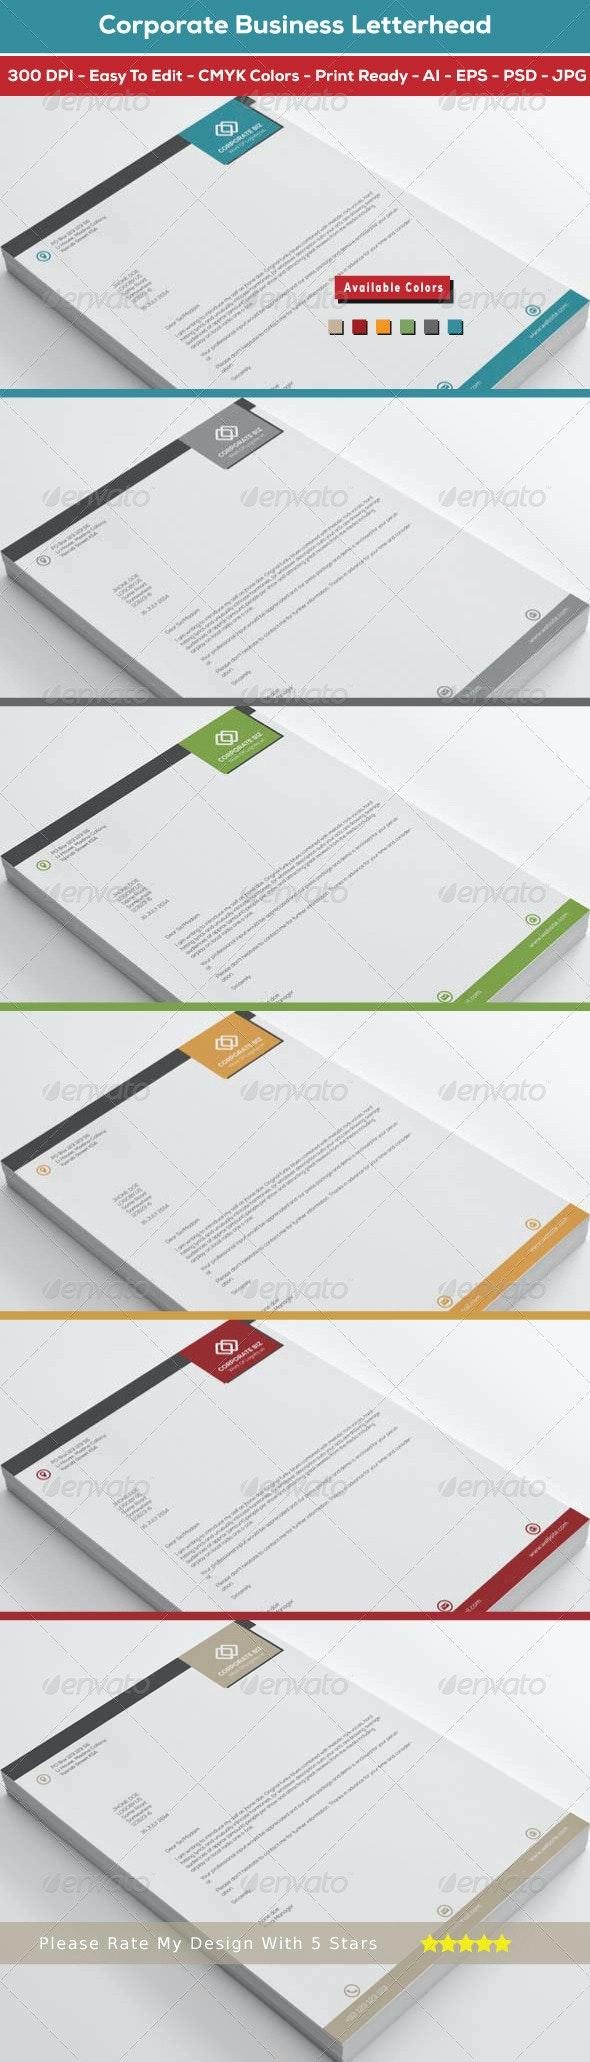 Corporate Business Letterhead - Corporate Business Cards